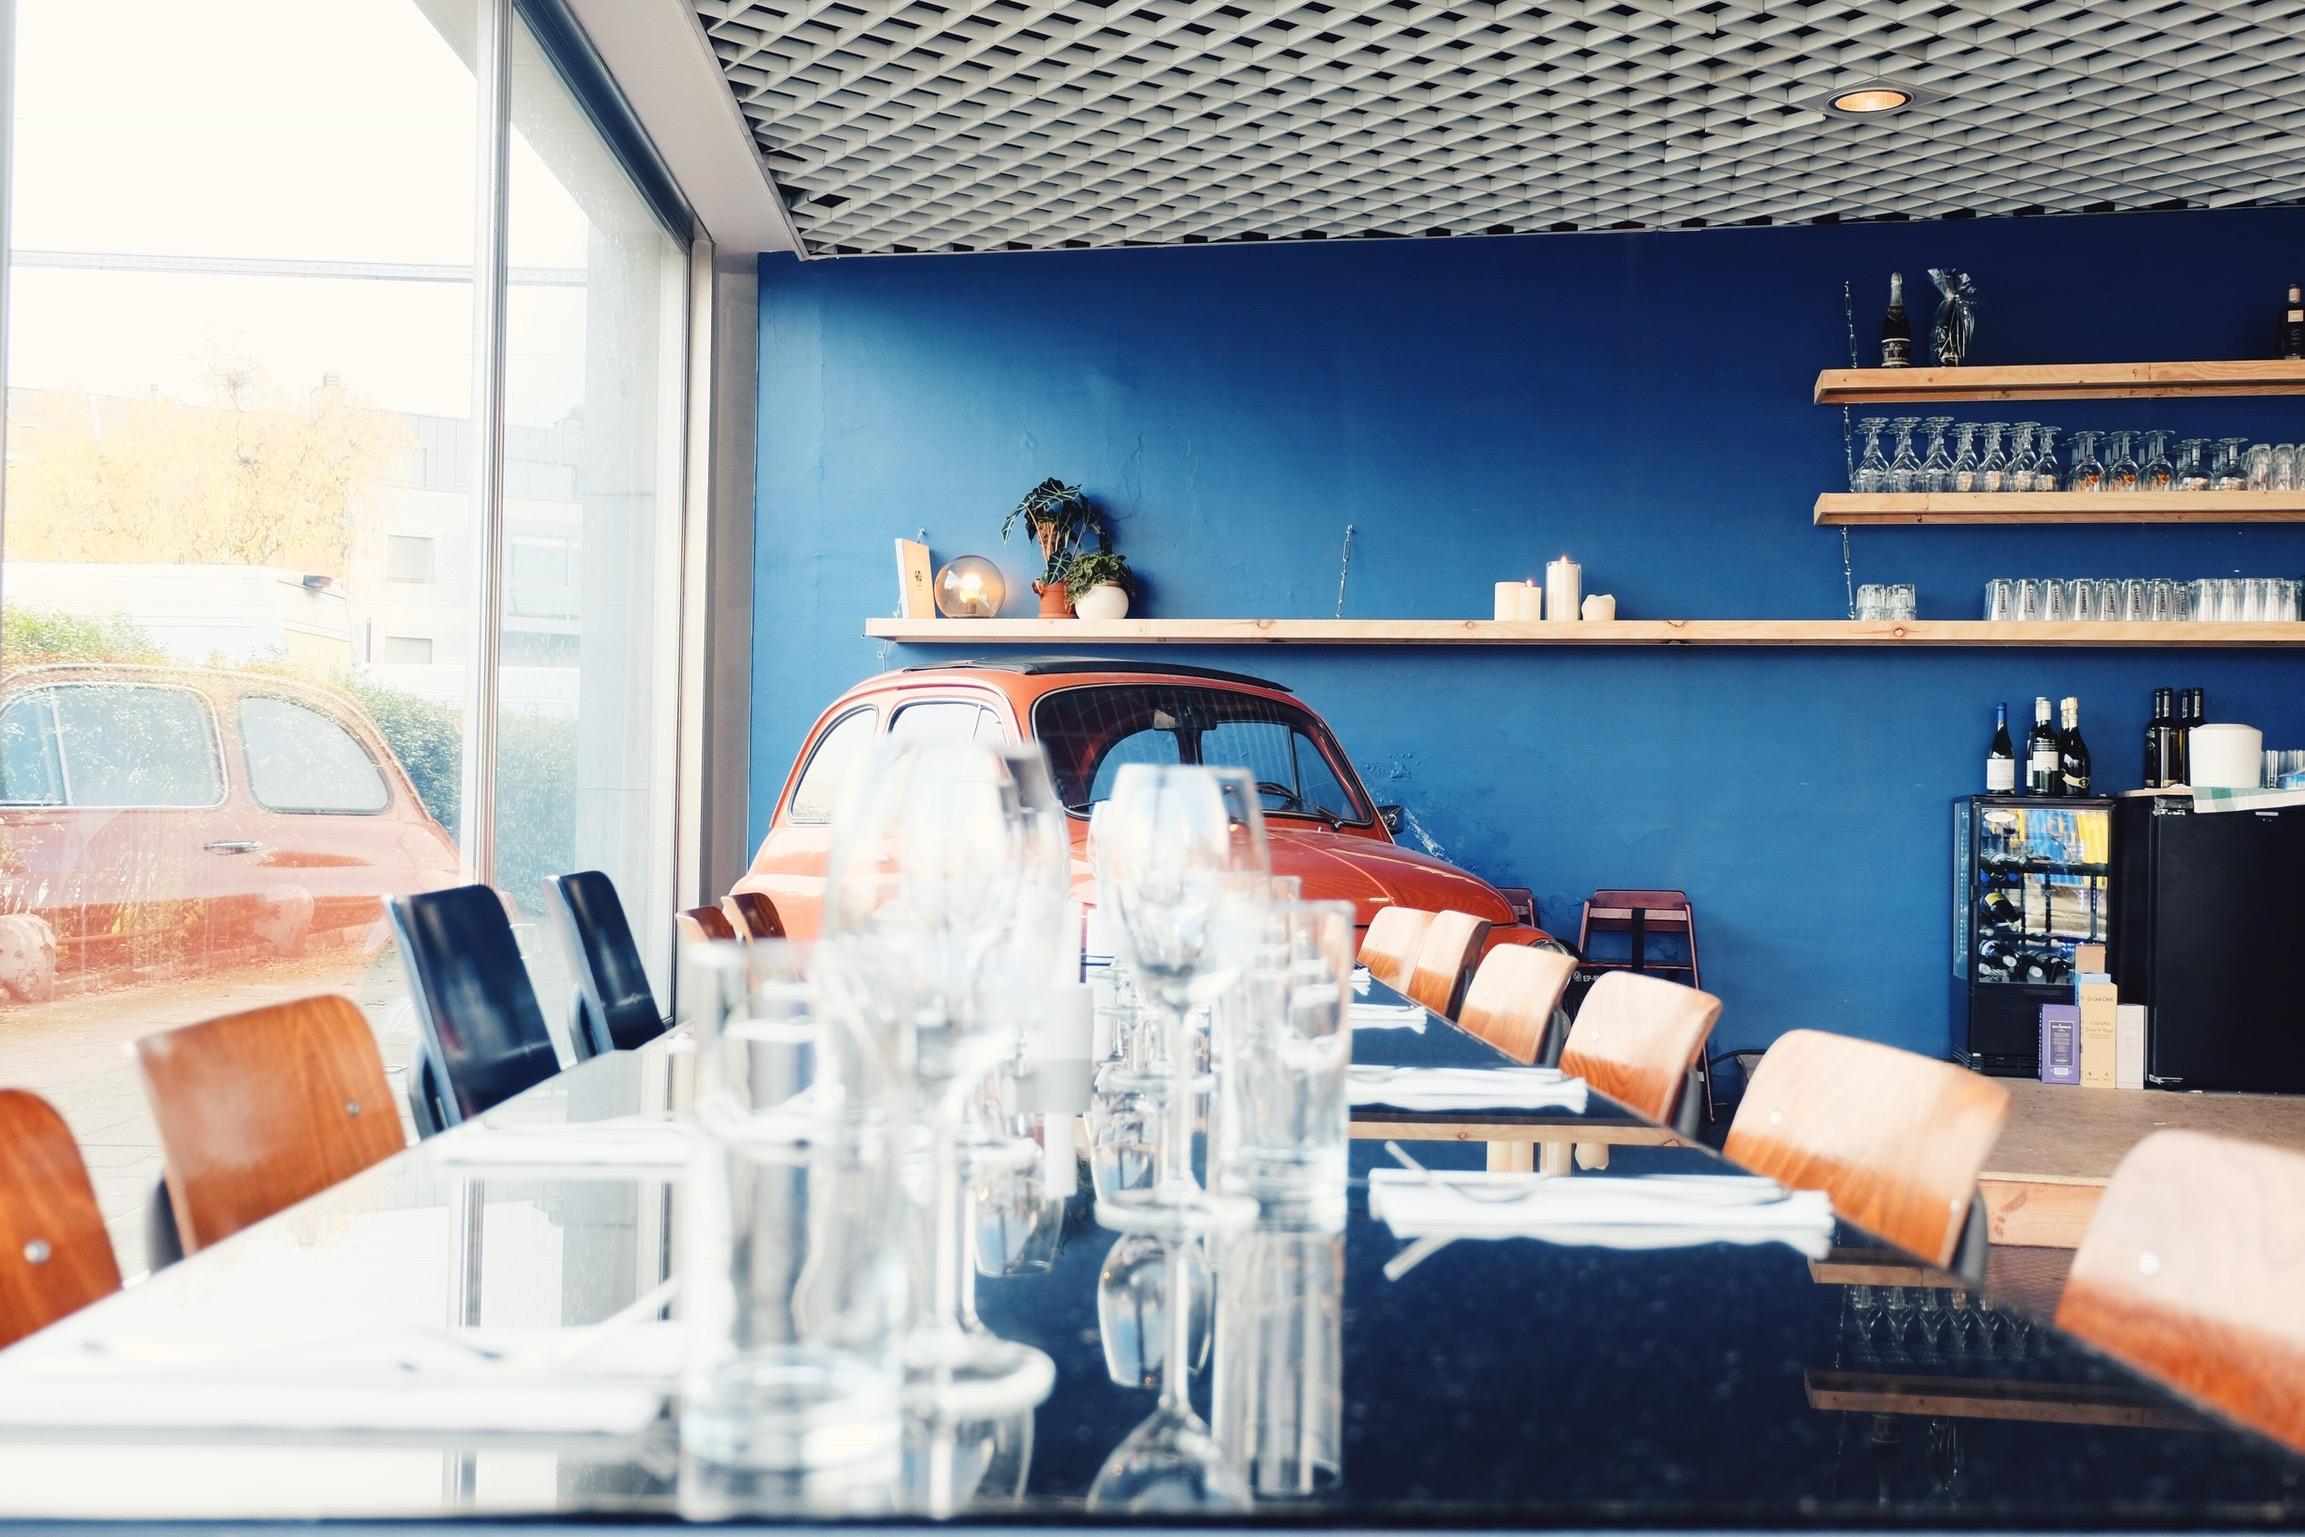 Fiat Garage Mechelen : Wagenoord newplacestobe